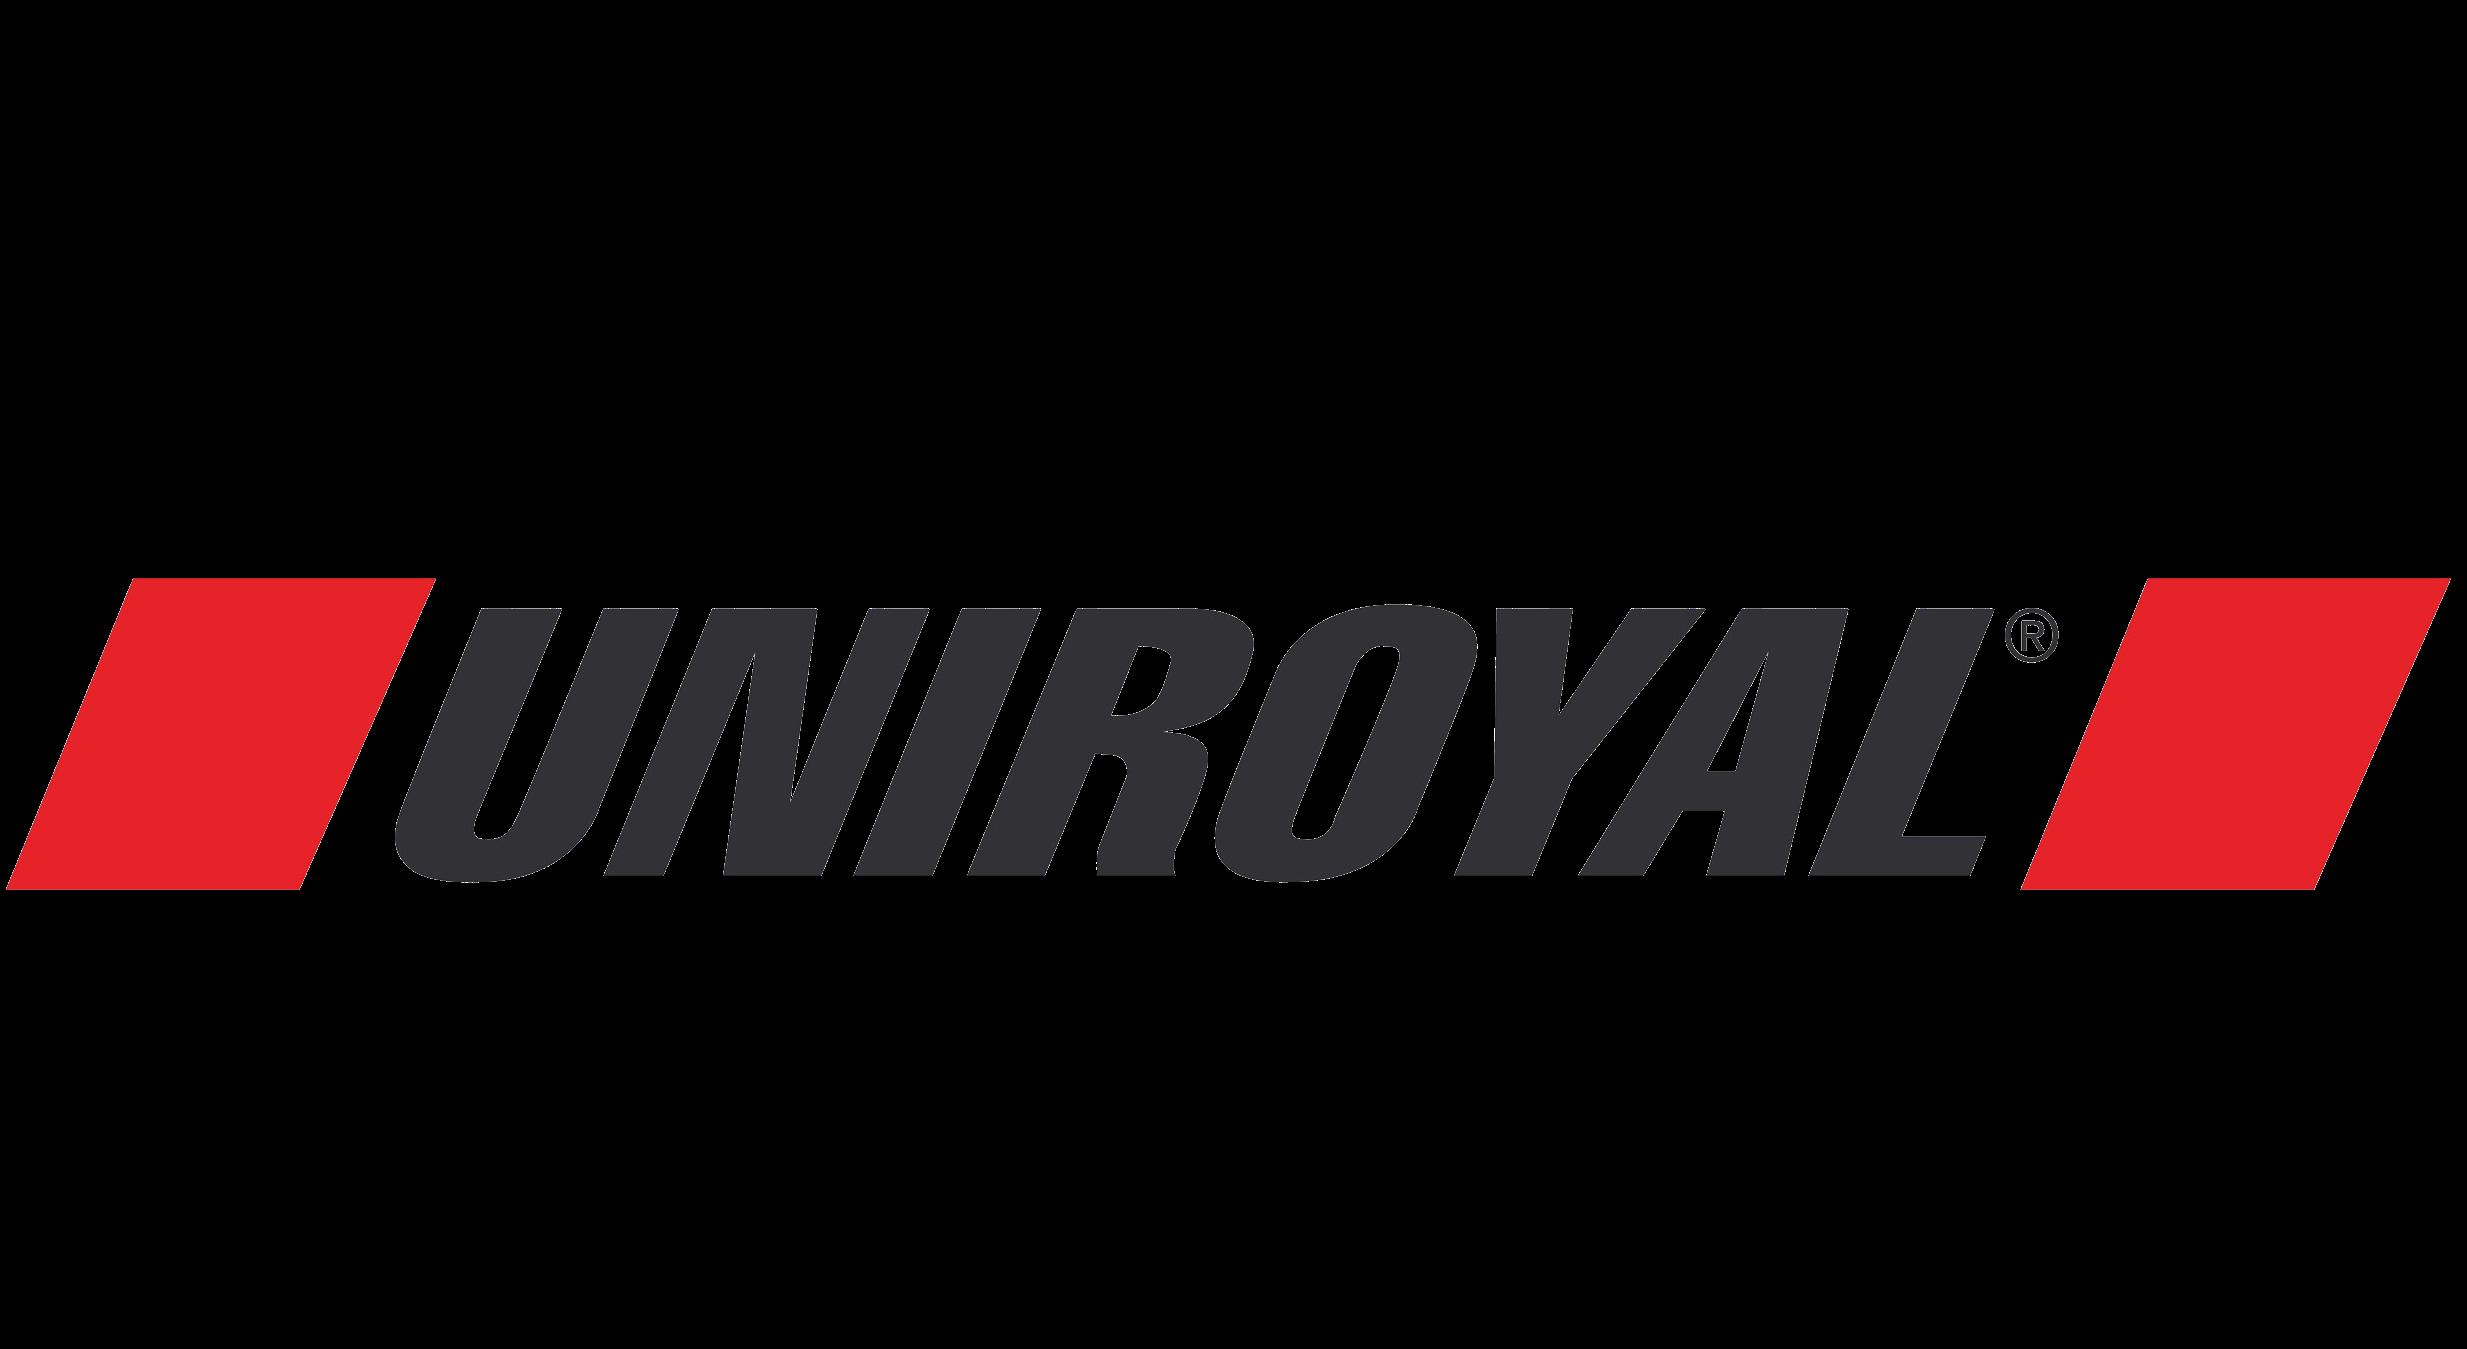 Uniroyal - Transparent.png